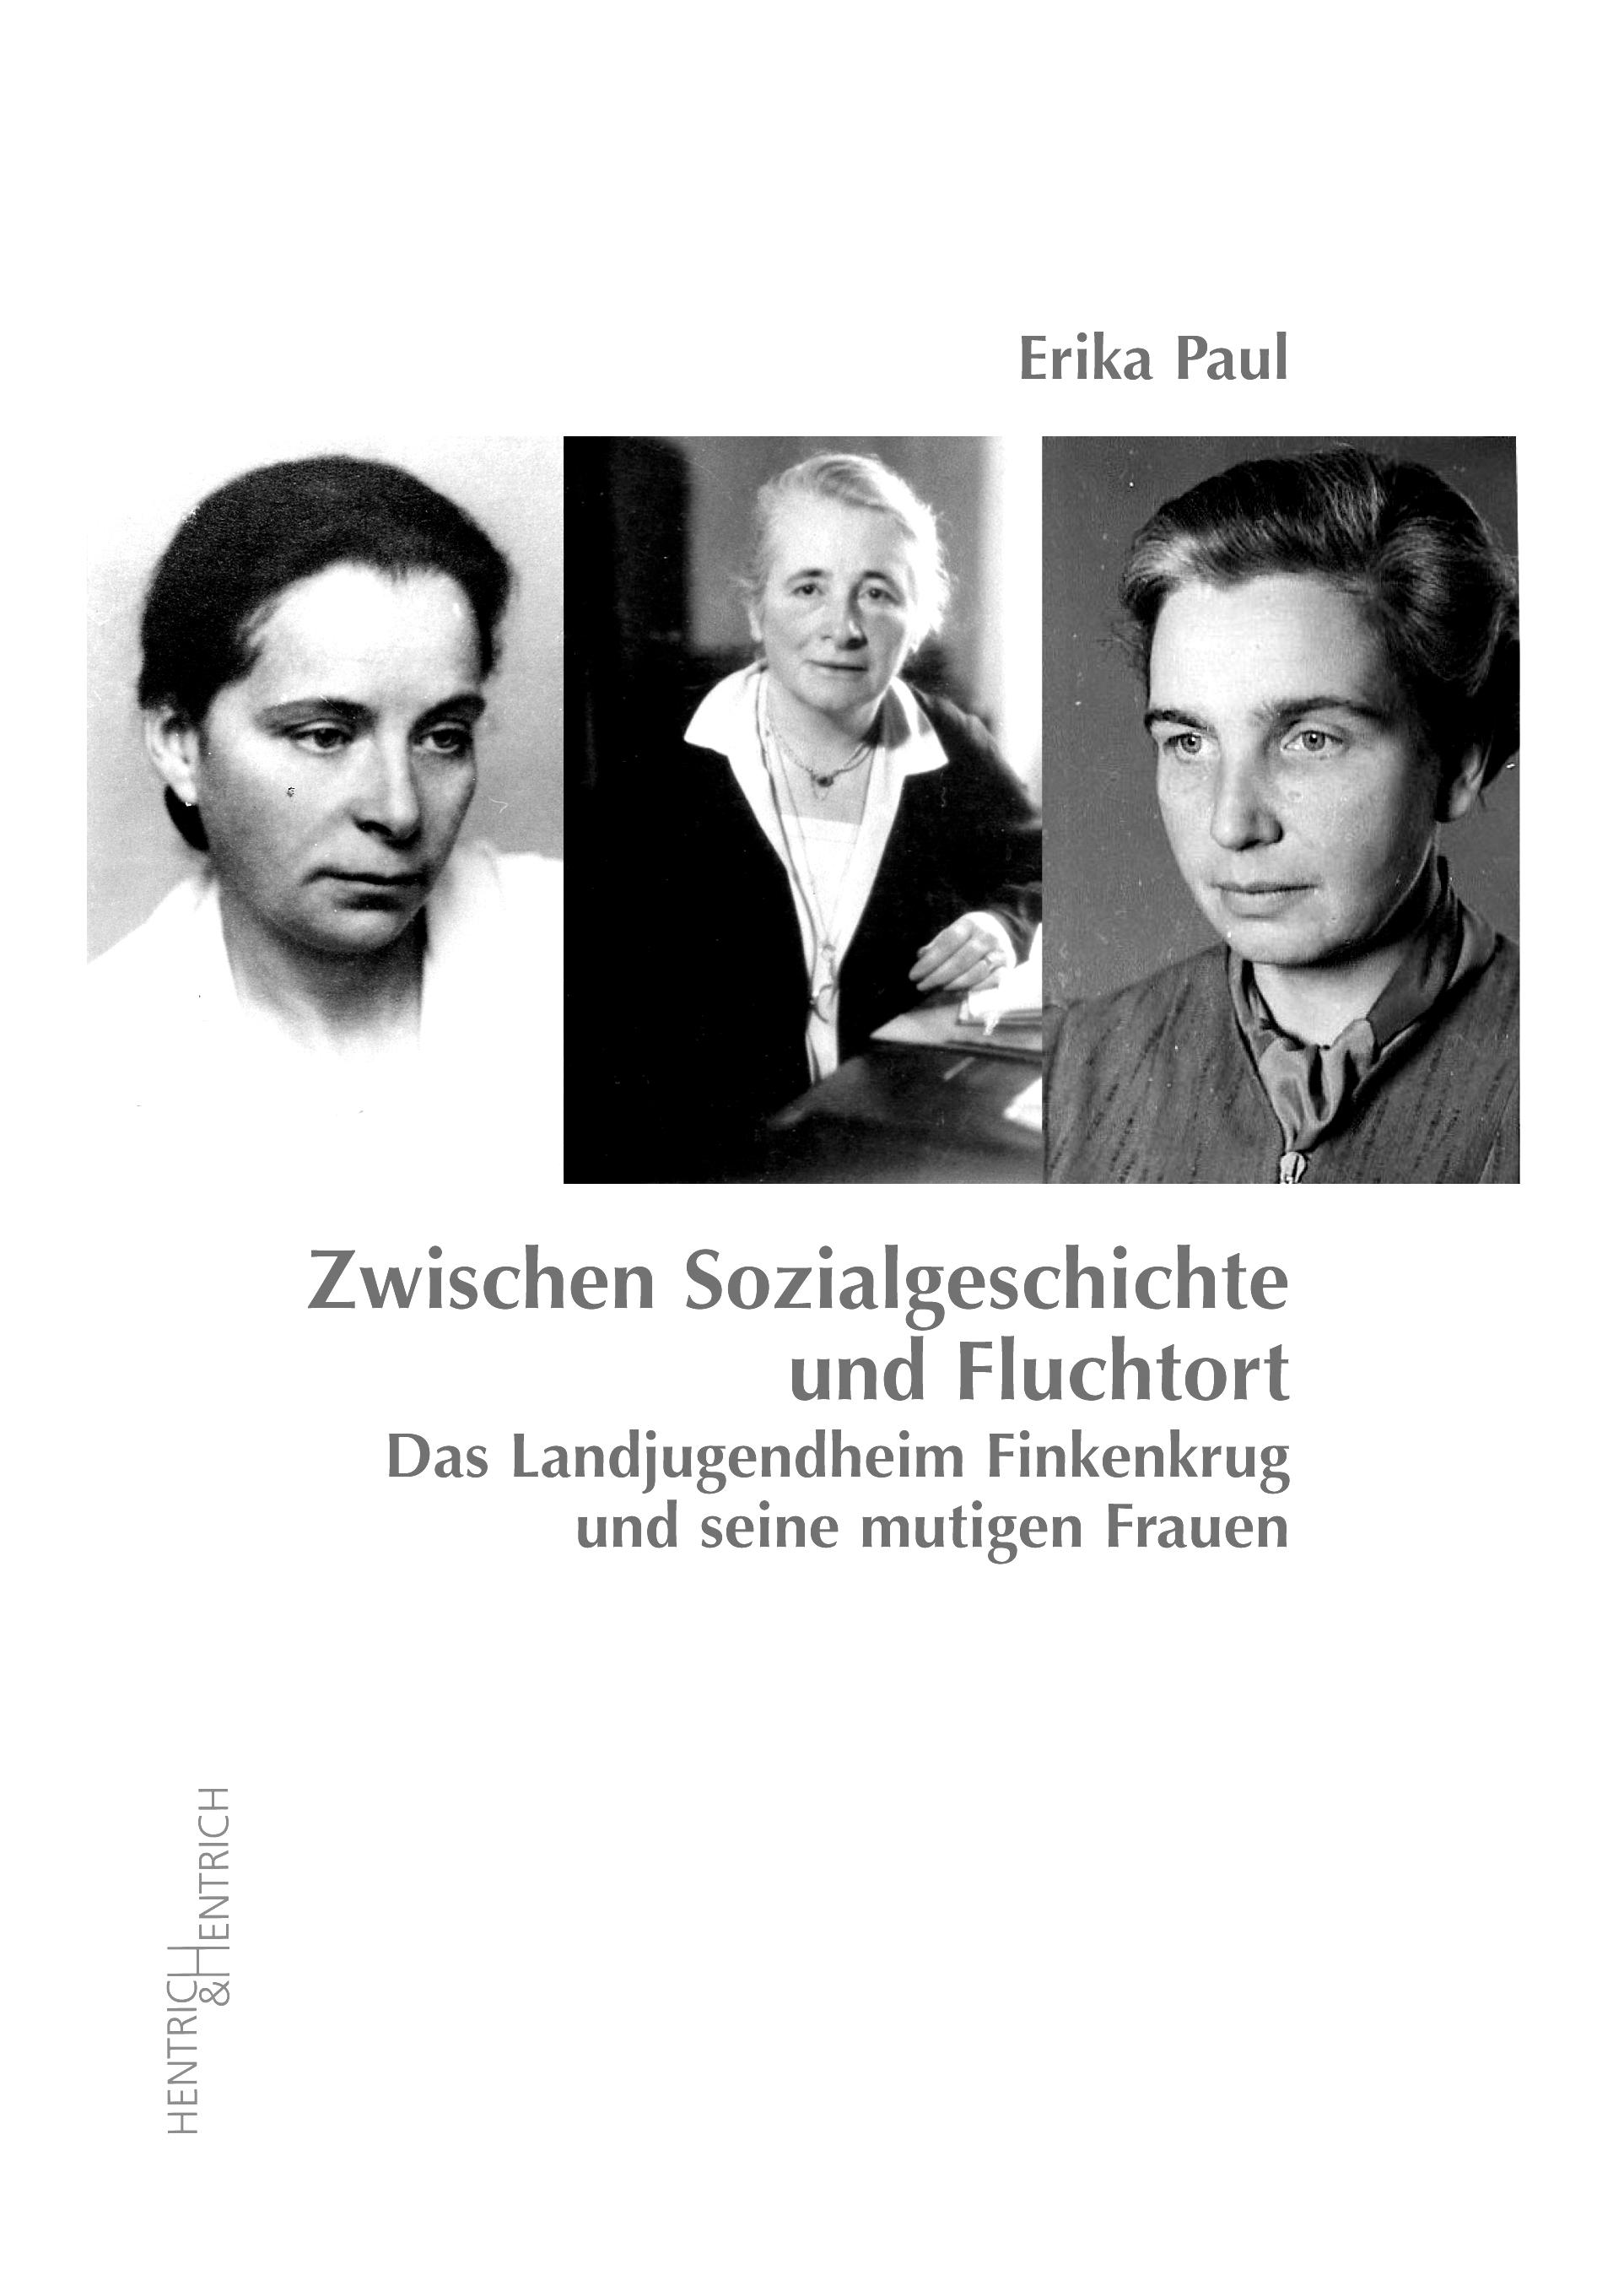 """Erika Paul """"Das Landjugendheim Finkenkrug und seine mutigen Frauen"""""""